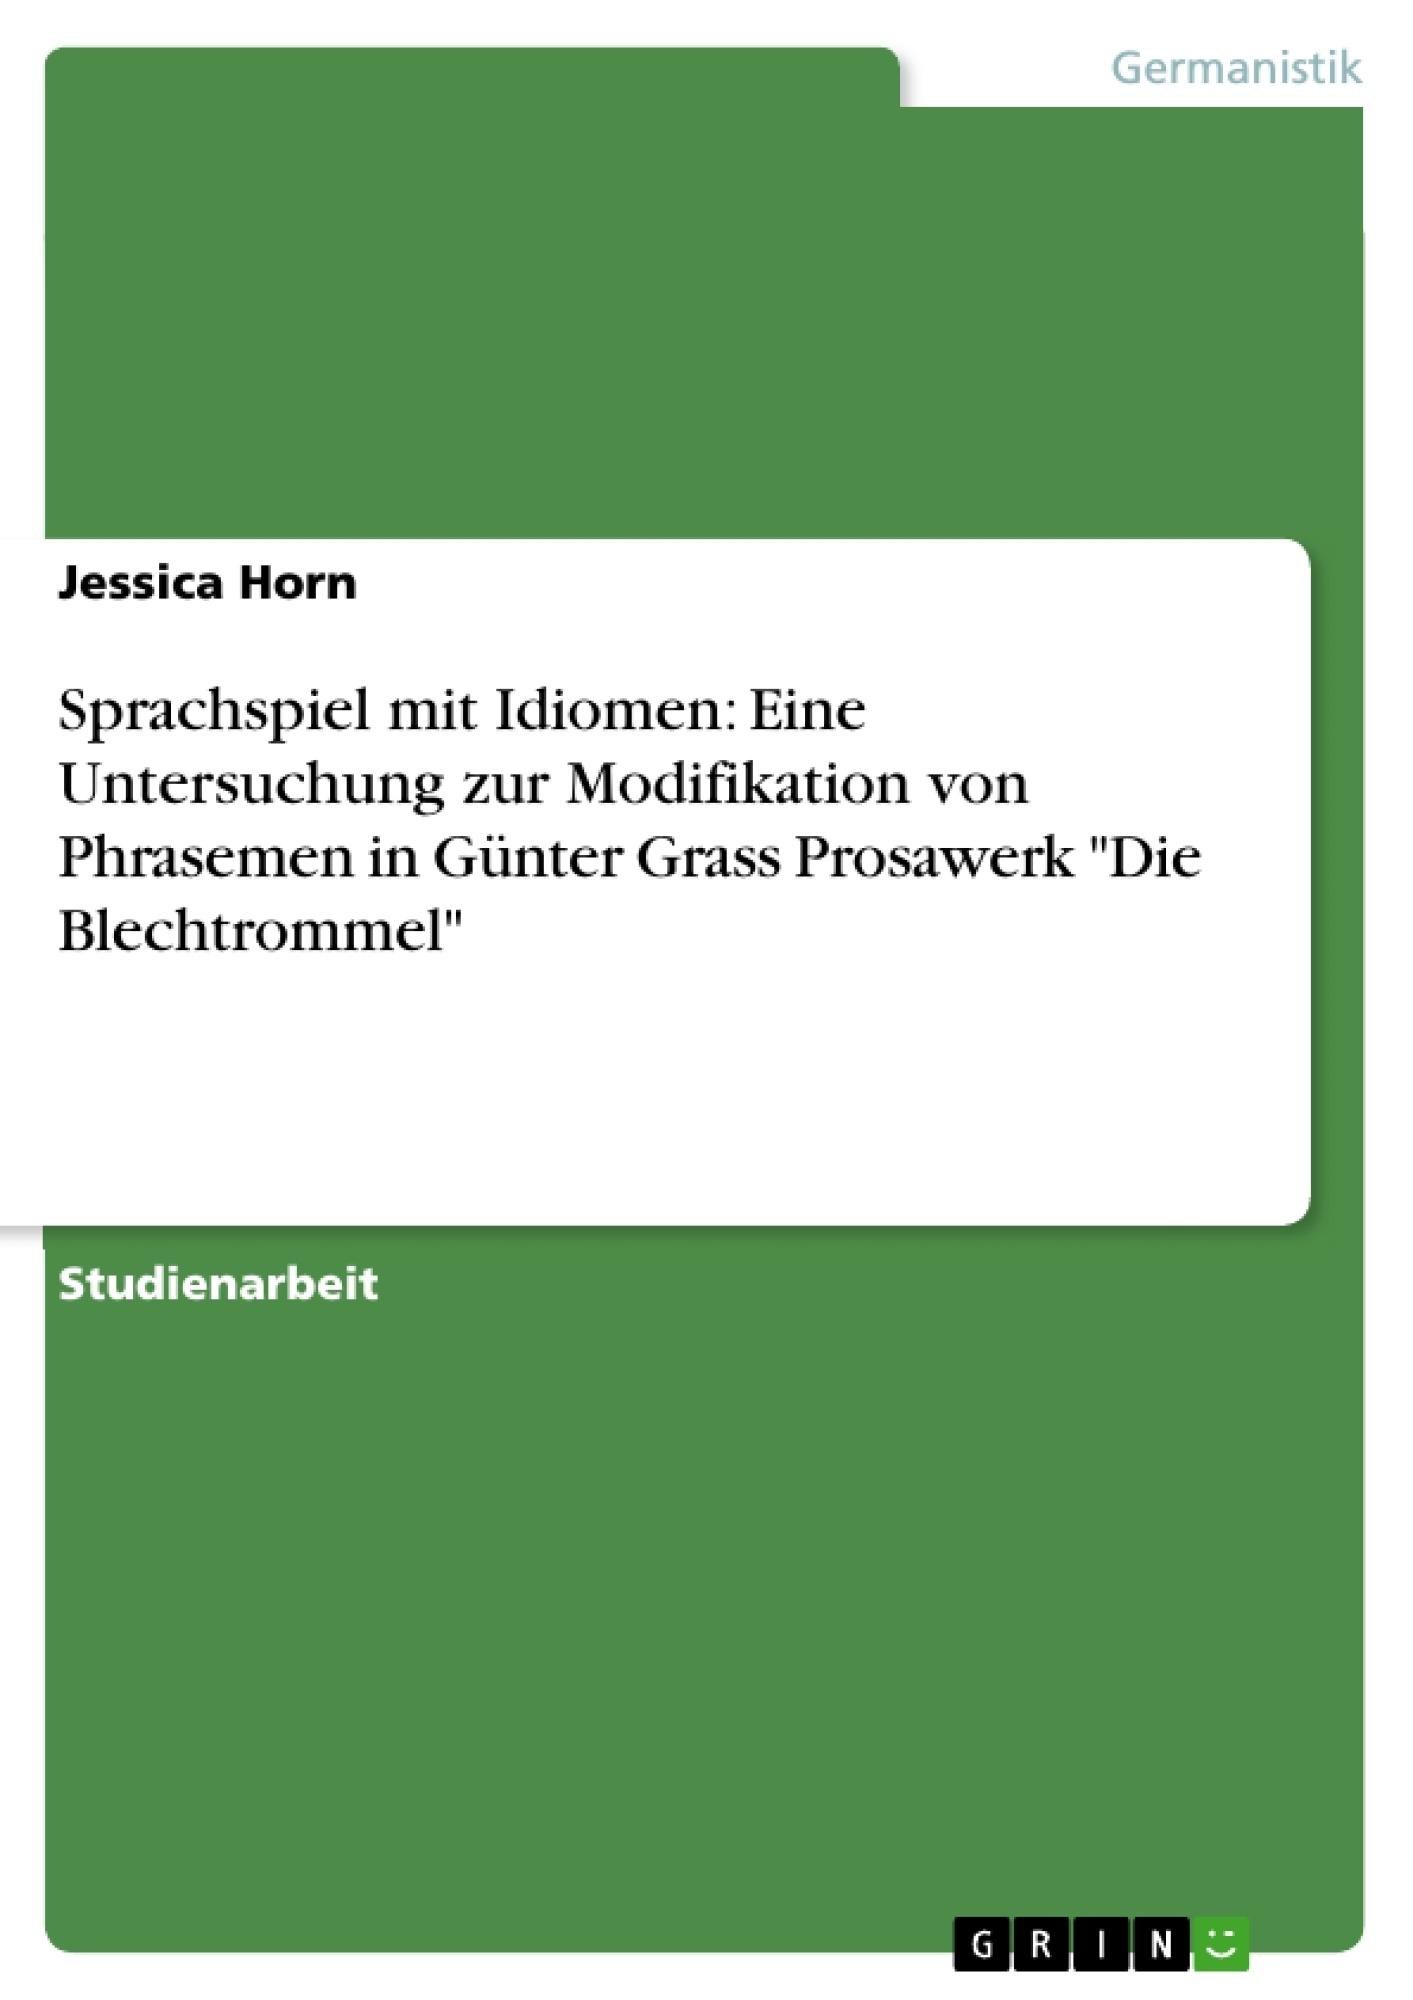 """Titel: Sprachspiel mit Idiomen: Eine Untersuchung zur Modifikation von Phrasemen in Günter Grass Prosawerk """"Die Blechtrommel"""""""